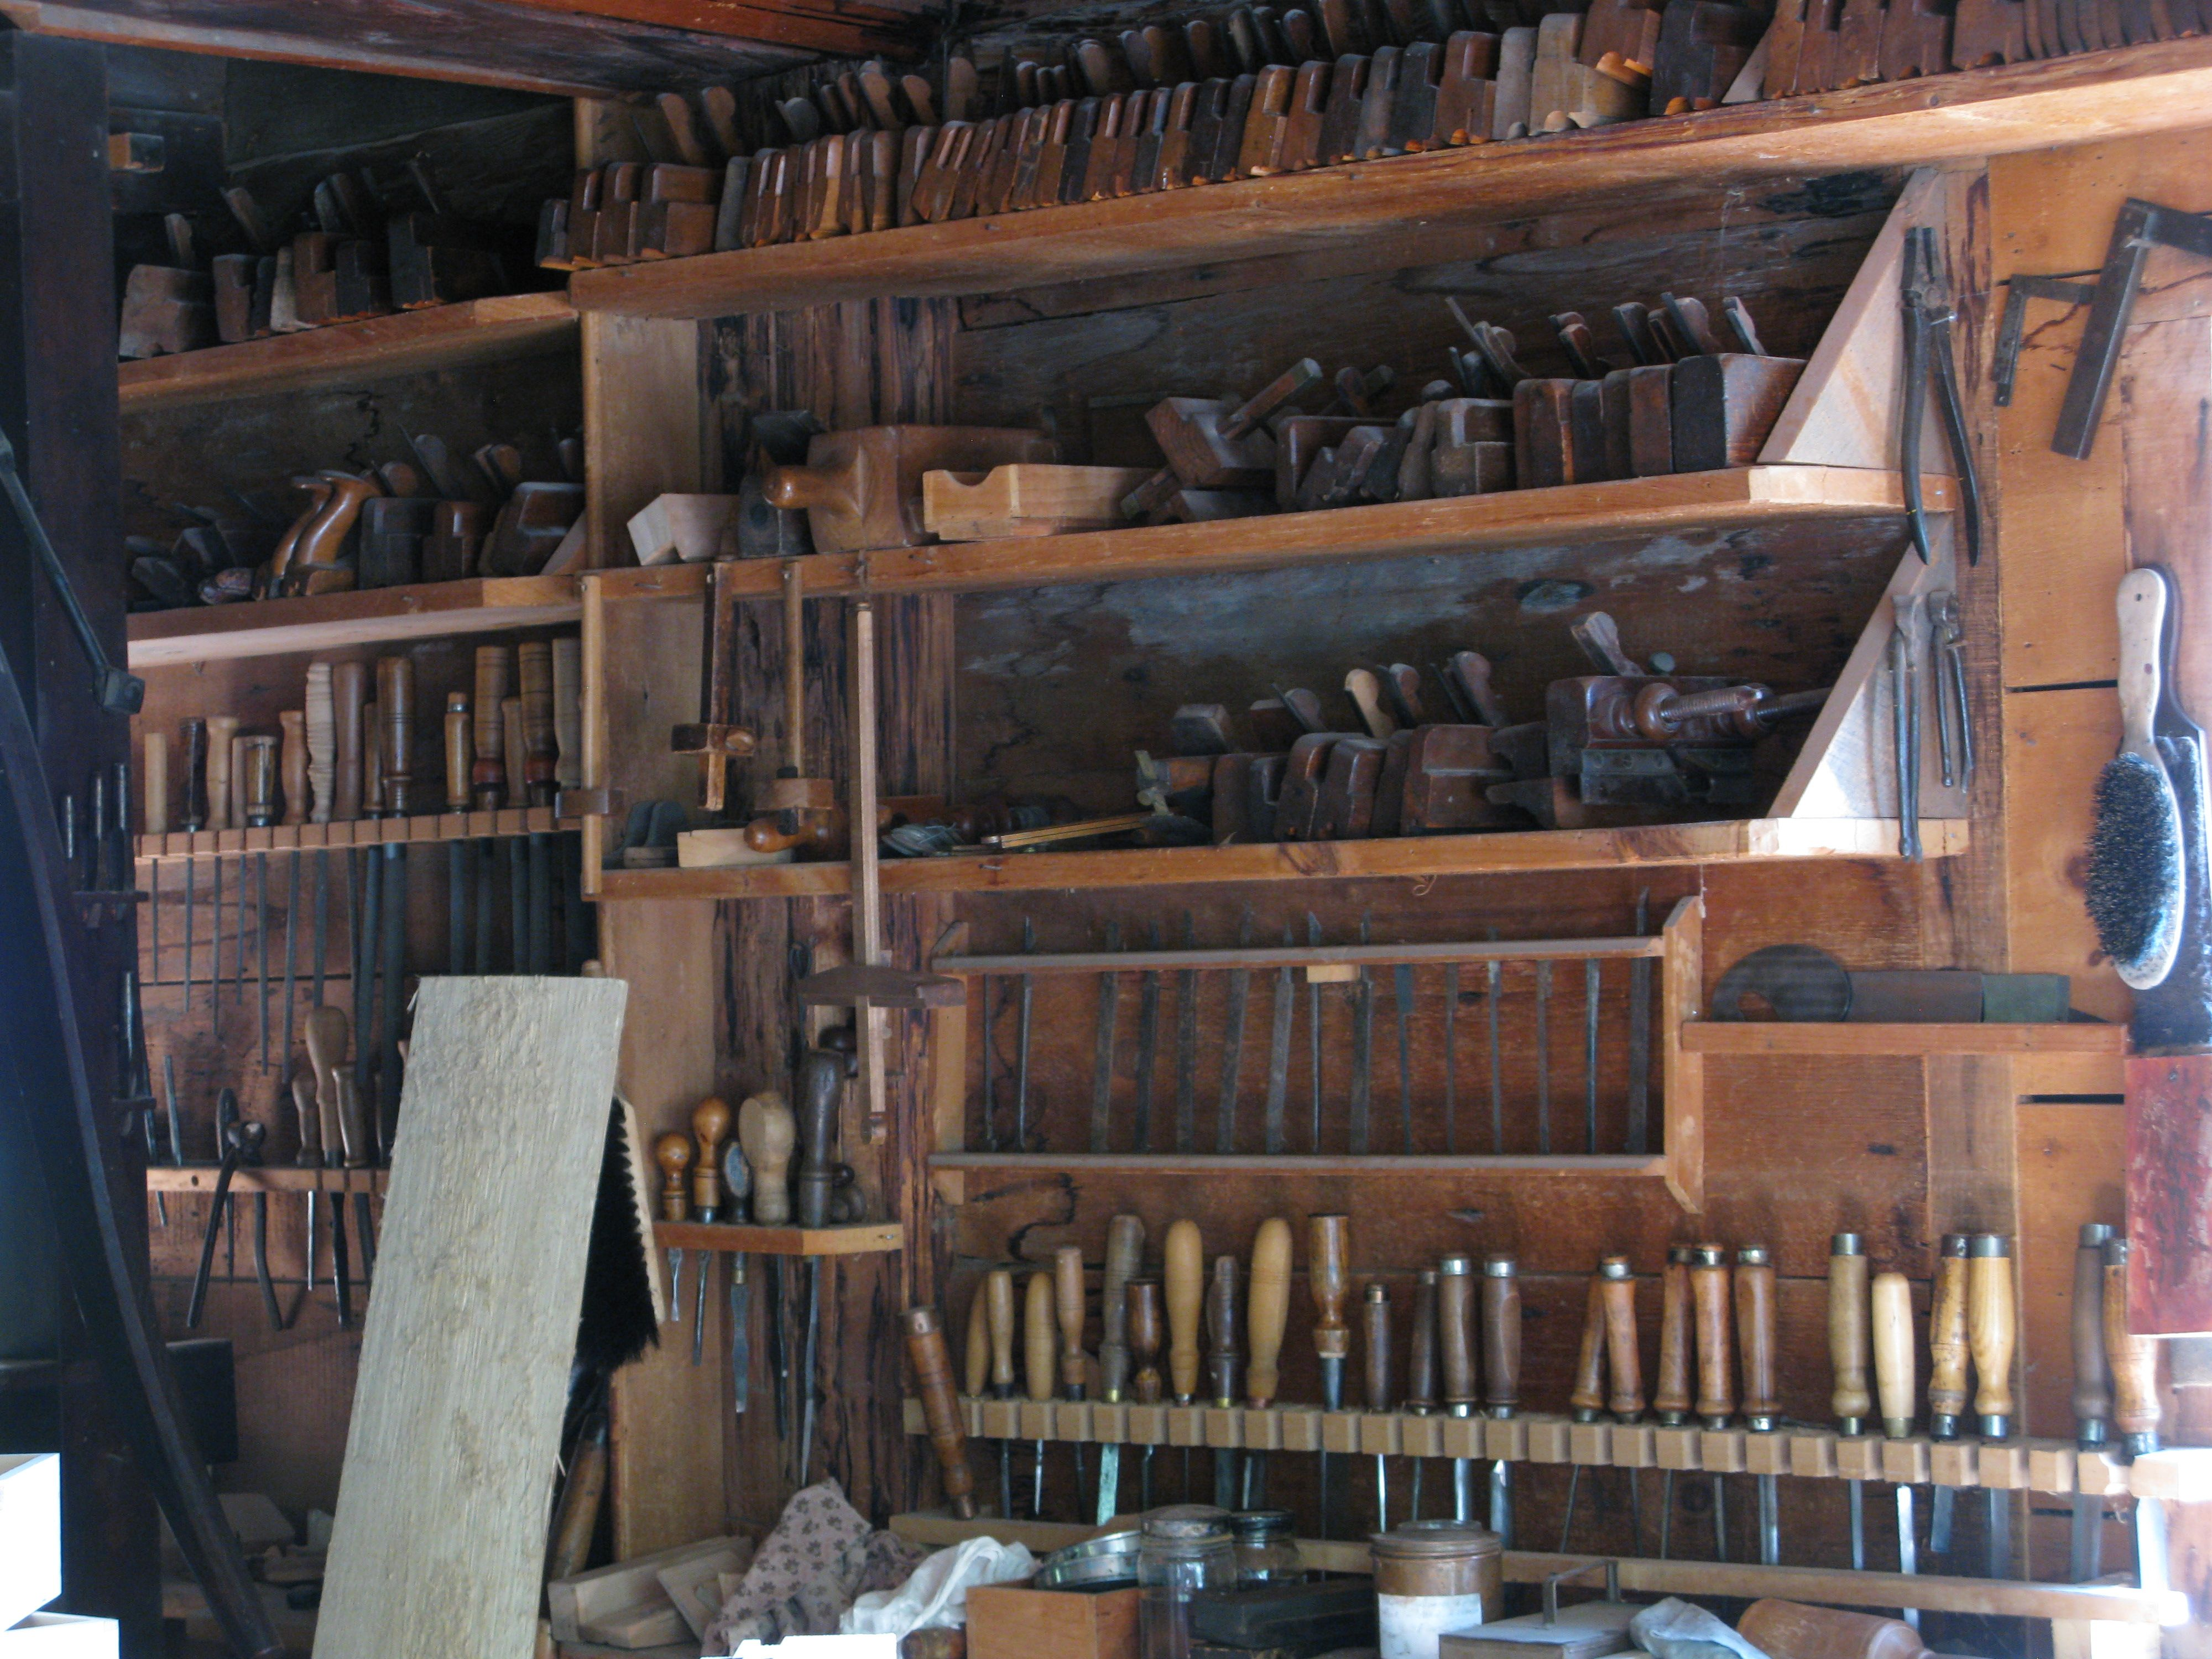 Workshop Hand Tool Storage At Upper Canada Village